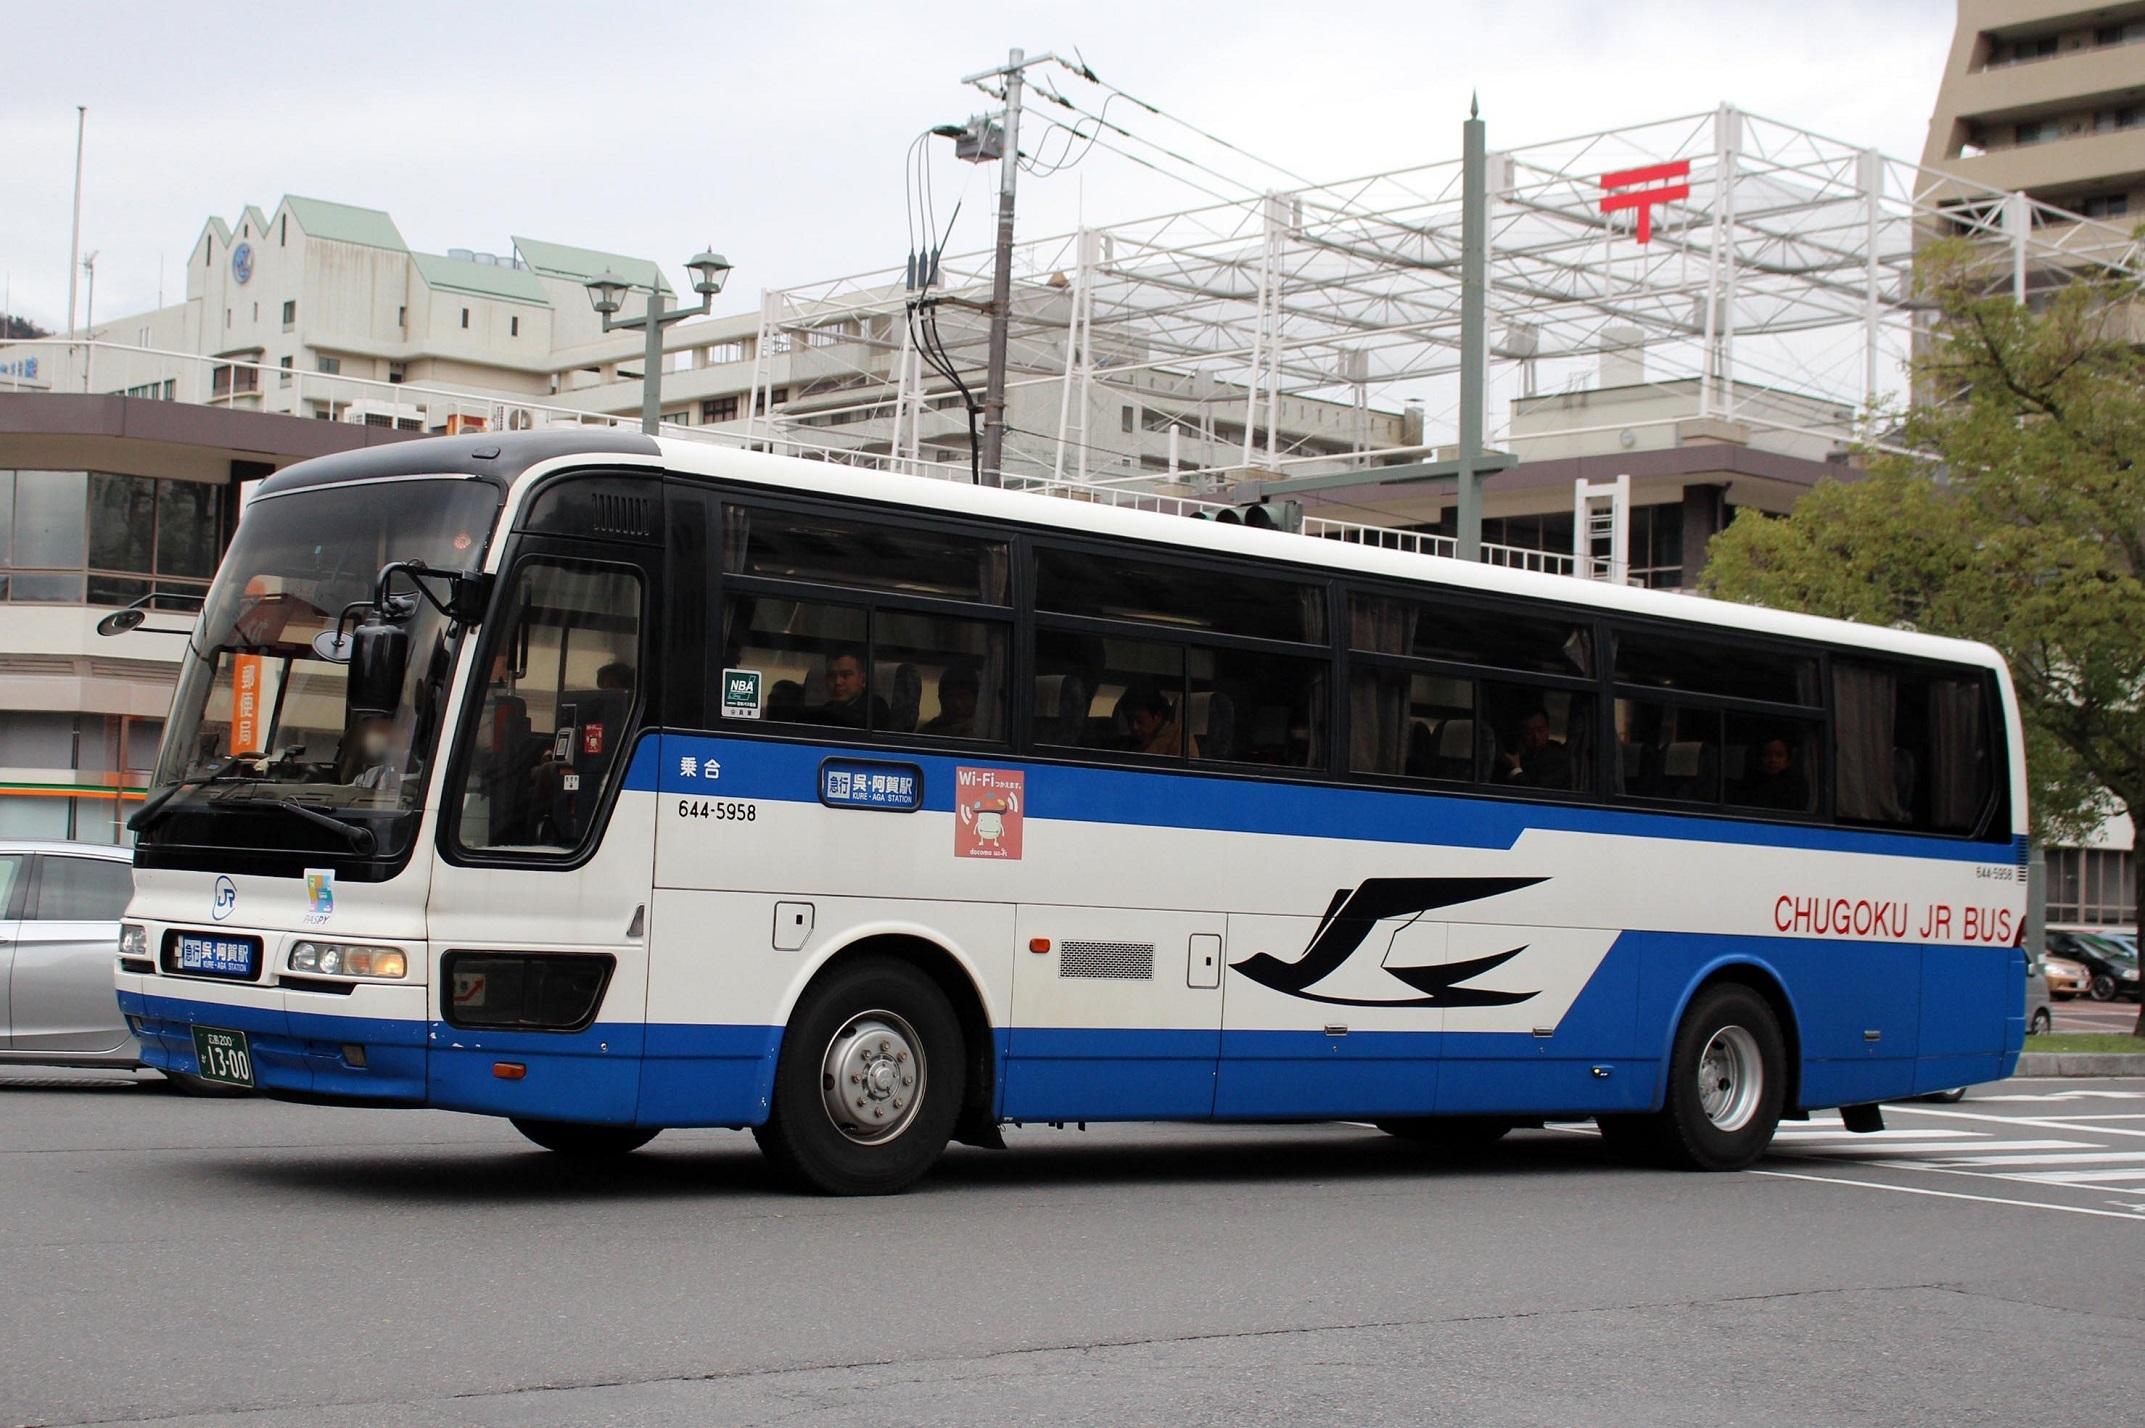 中国JRバス 644-5958